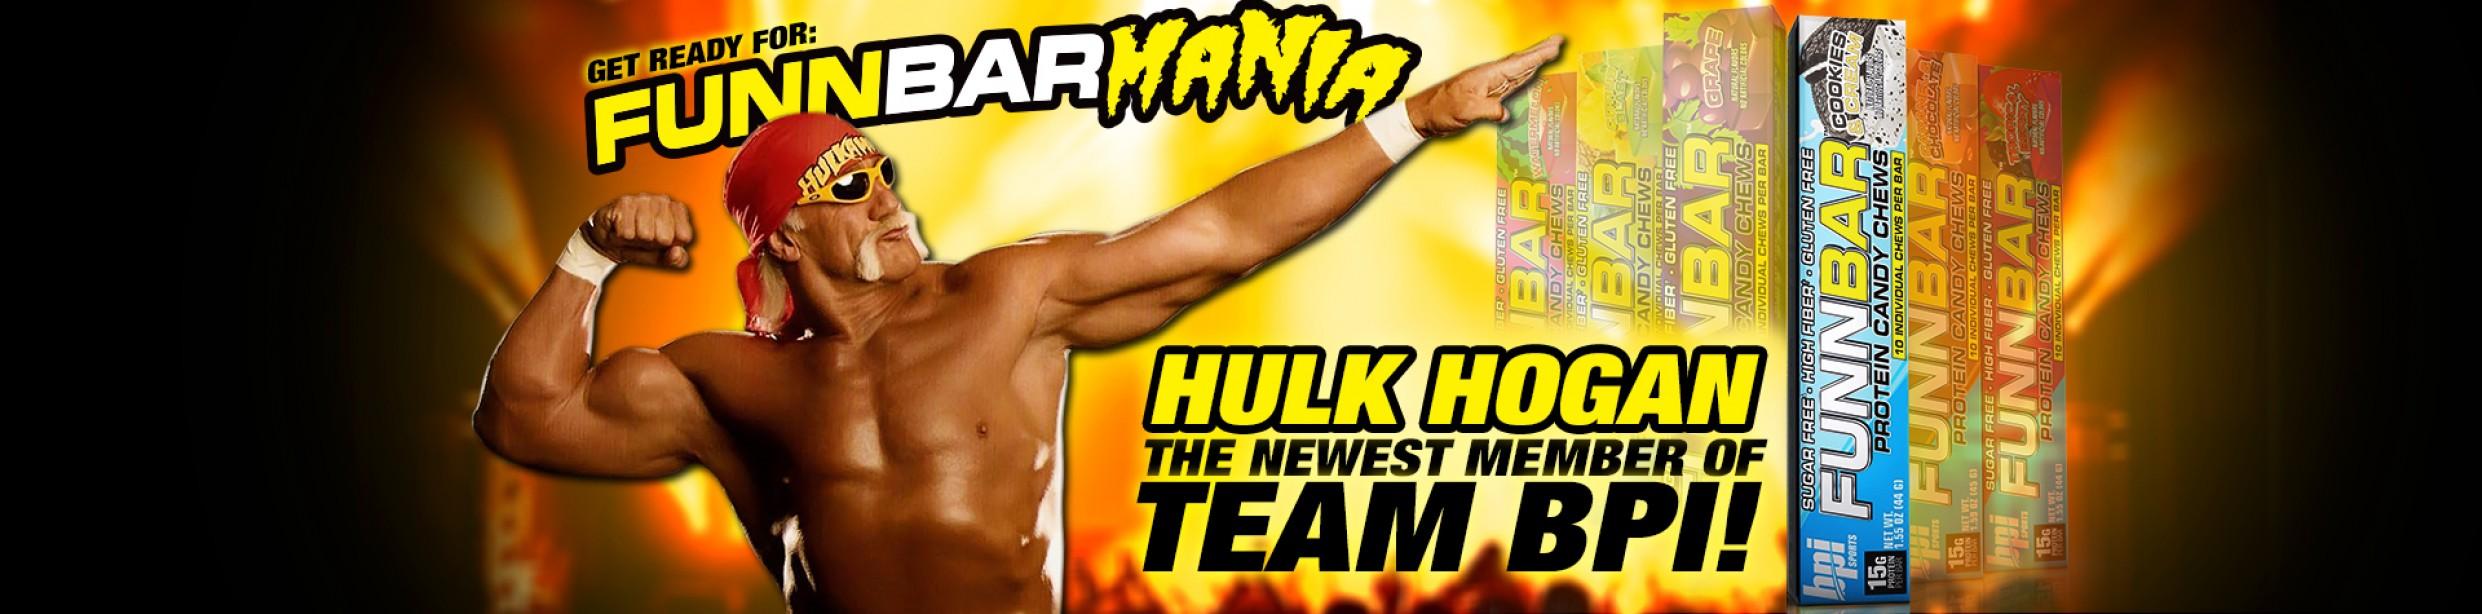 Hulk Hogan Becomes the Newest Member of Team BPI